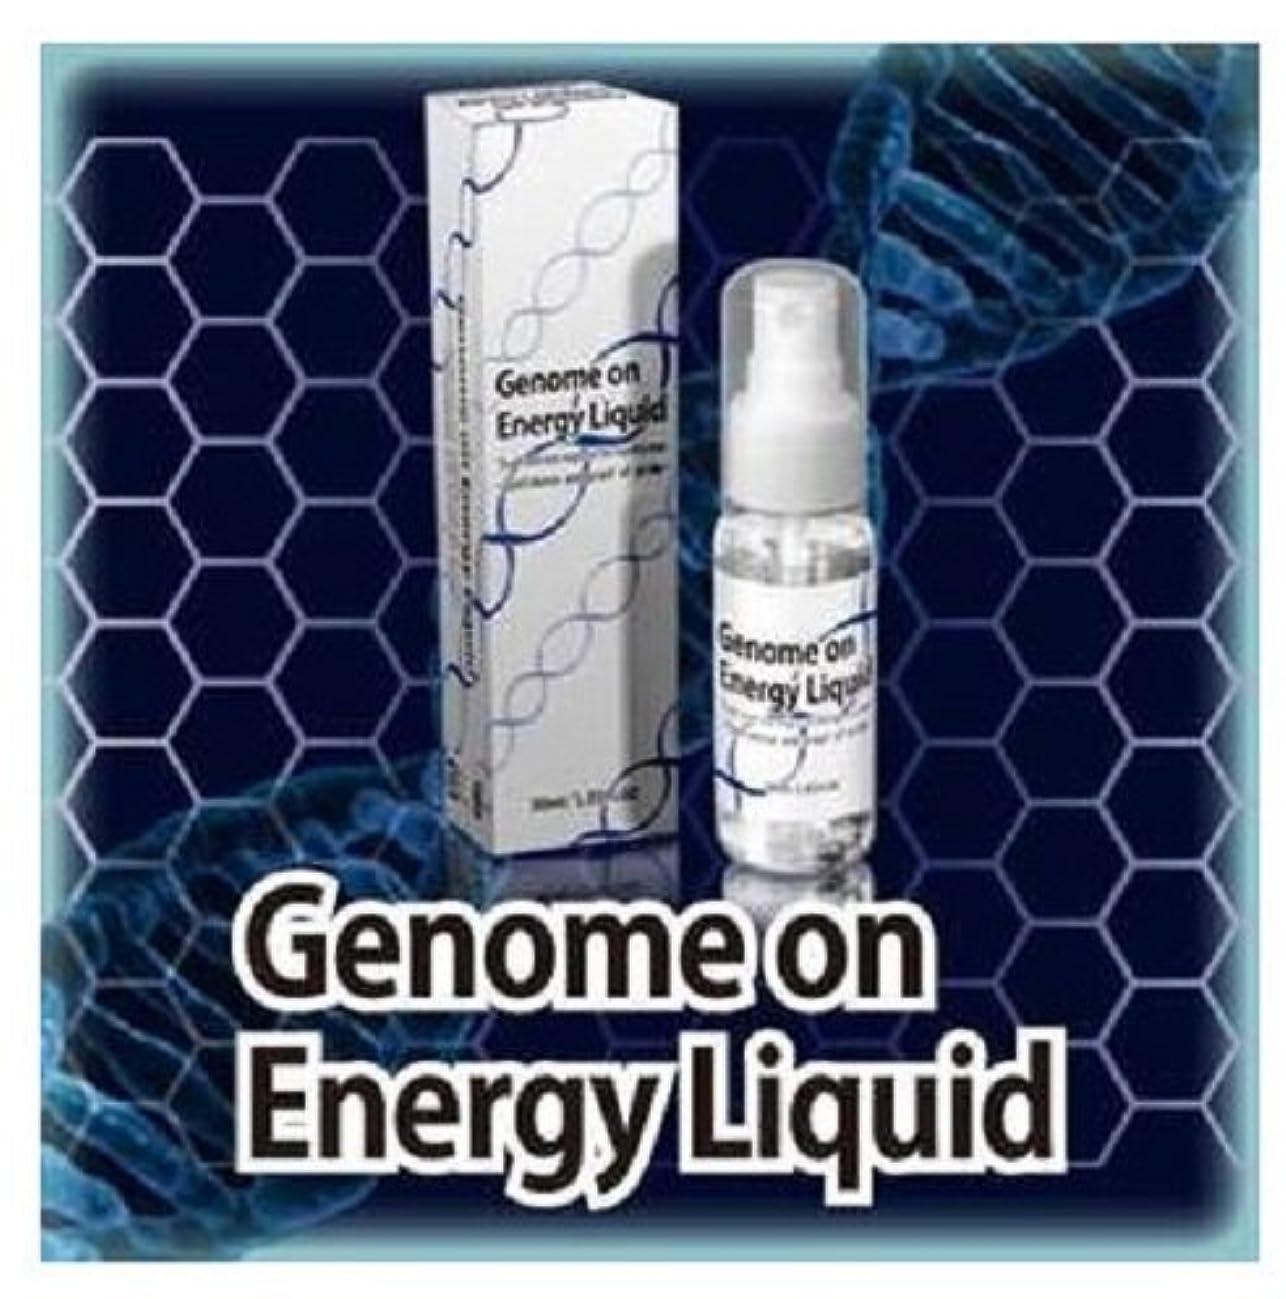 召喚する軽量寄稿者ゲノムオンエナジーリキッド Genome on Energy Liquid